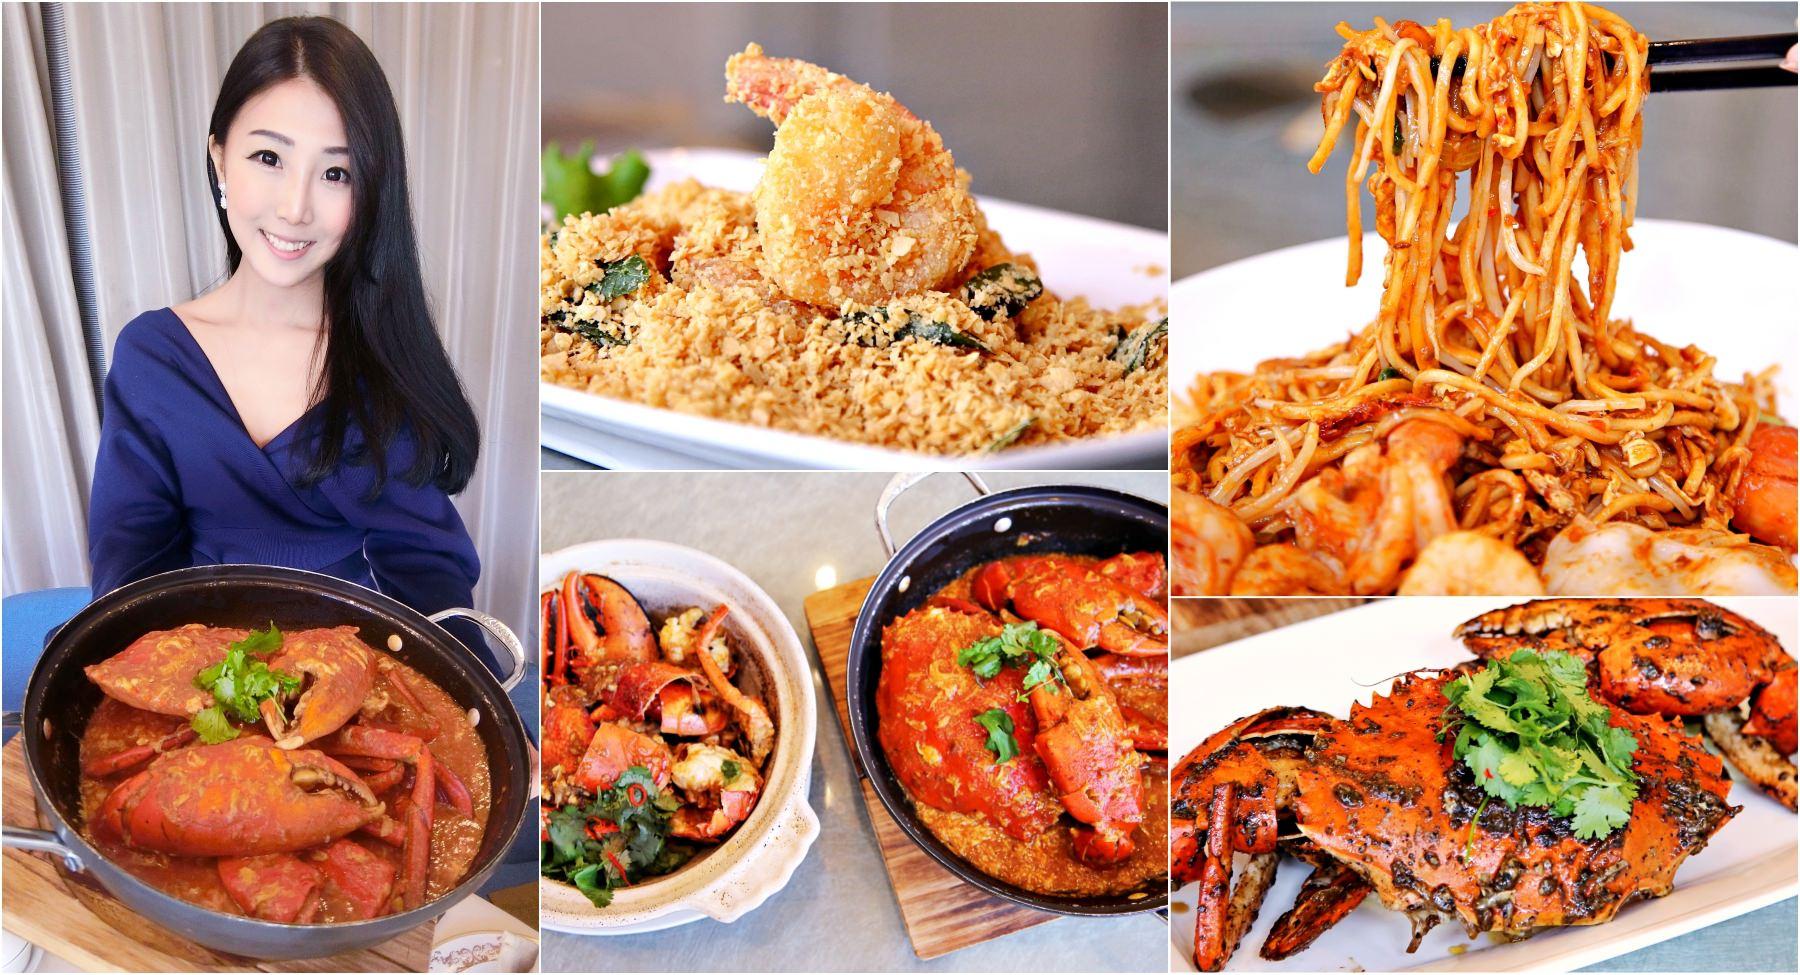 新加坡必吃辣椒螃蟹台北店開幕♥ 珍寶海鮮餐廳 Jumbo Seafood ♥ 大啖星國老字號傳統活海鮮美食菜單  過年圍爐開運盆菜桌菜 包廂 (台灣信義/捷運市政府站/新光三越A8) ♥ JoyceWu。食記